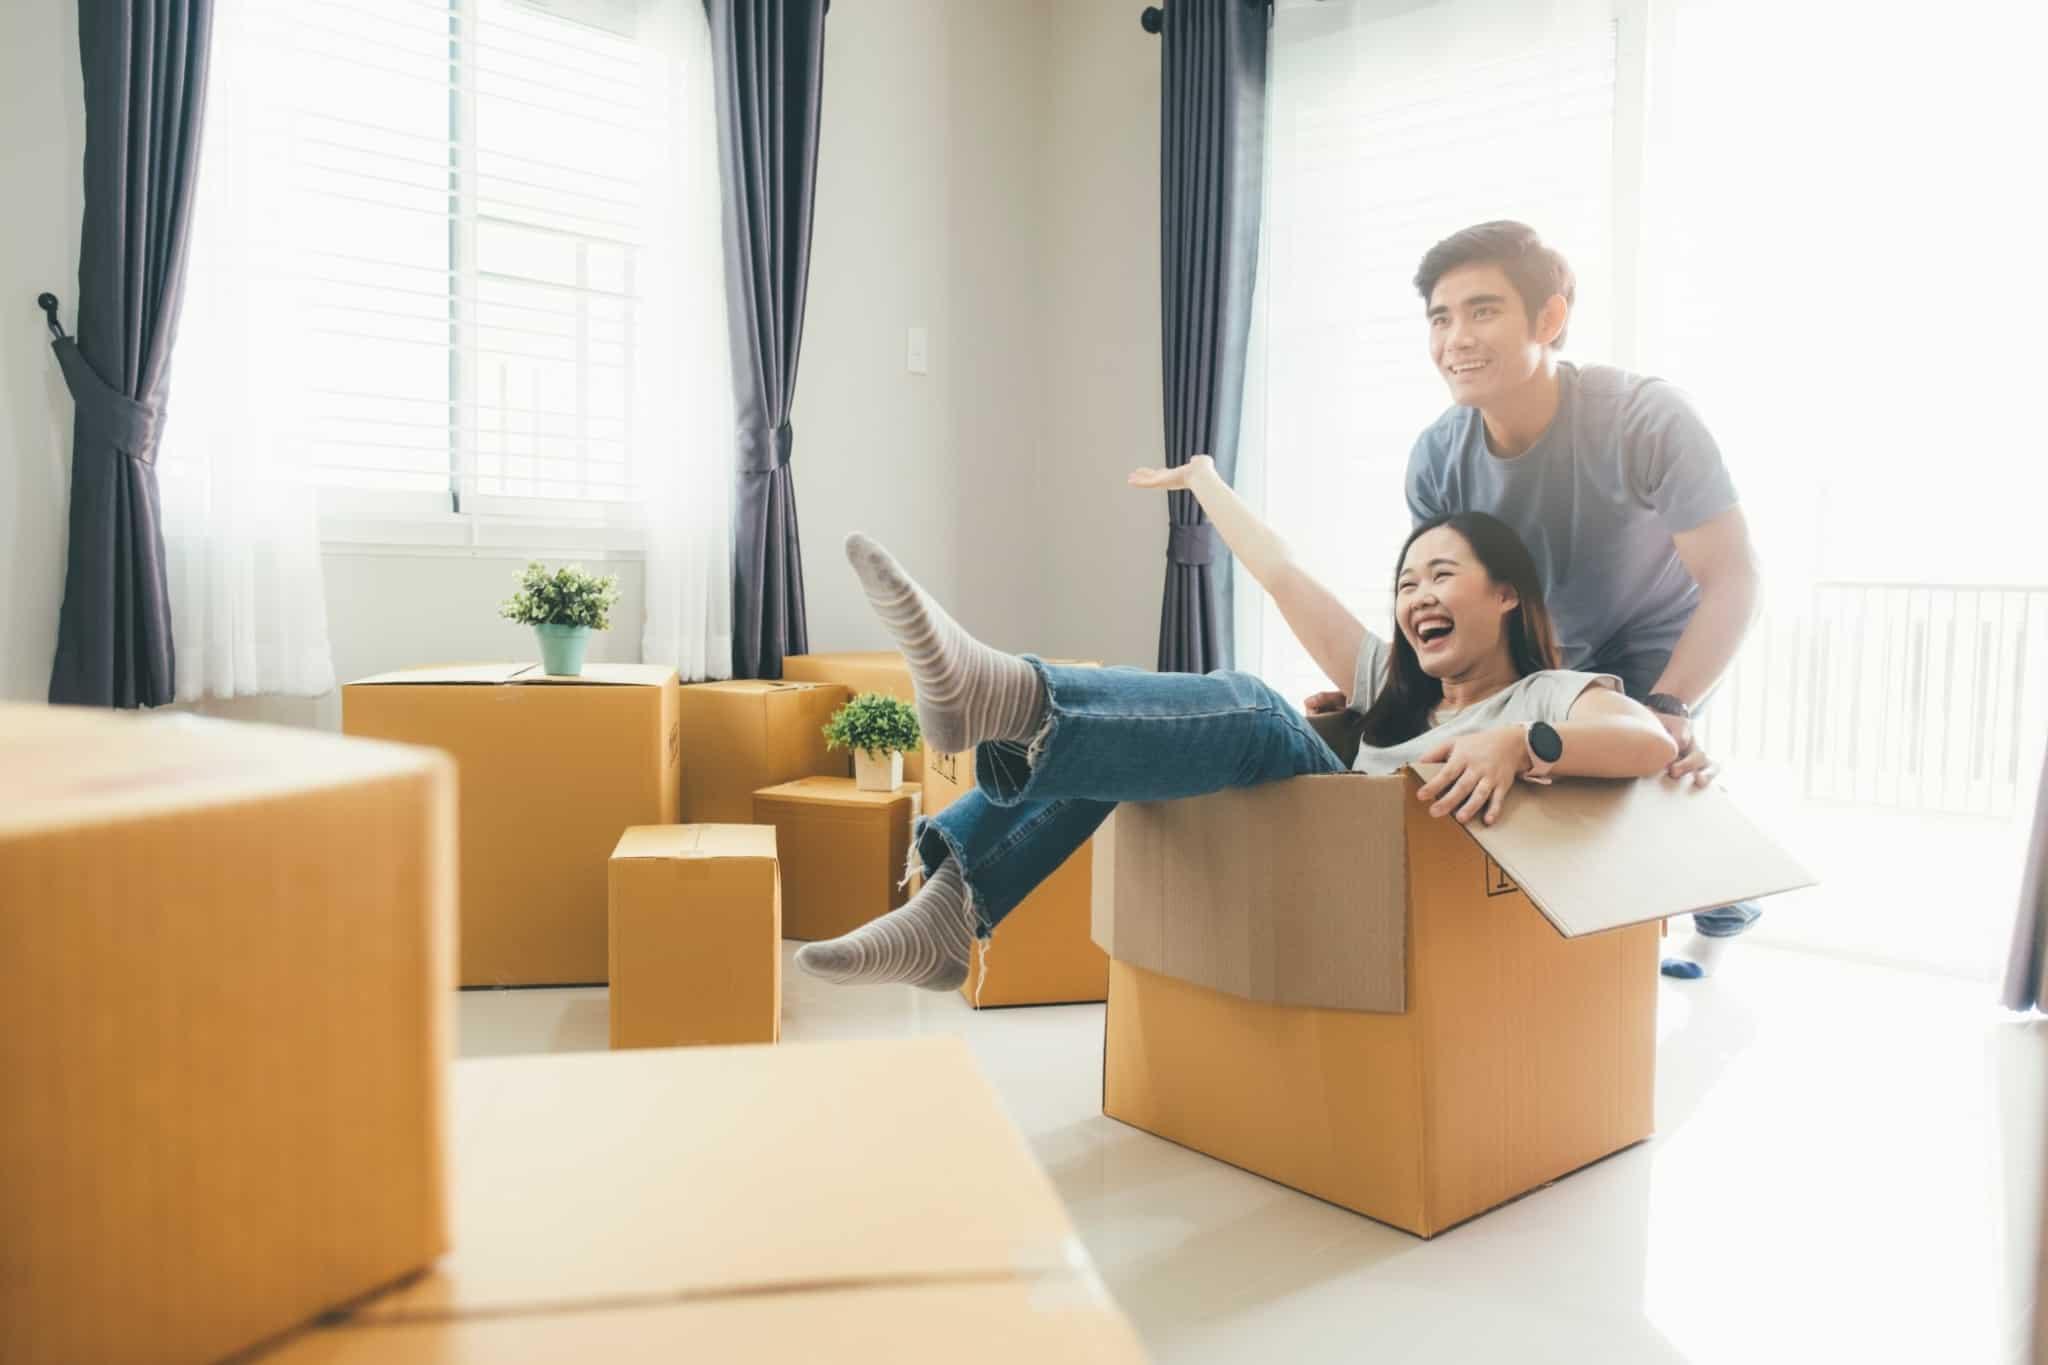 casal sorridente com a mulher dentro de uma caixa de cartão